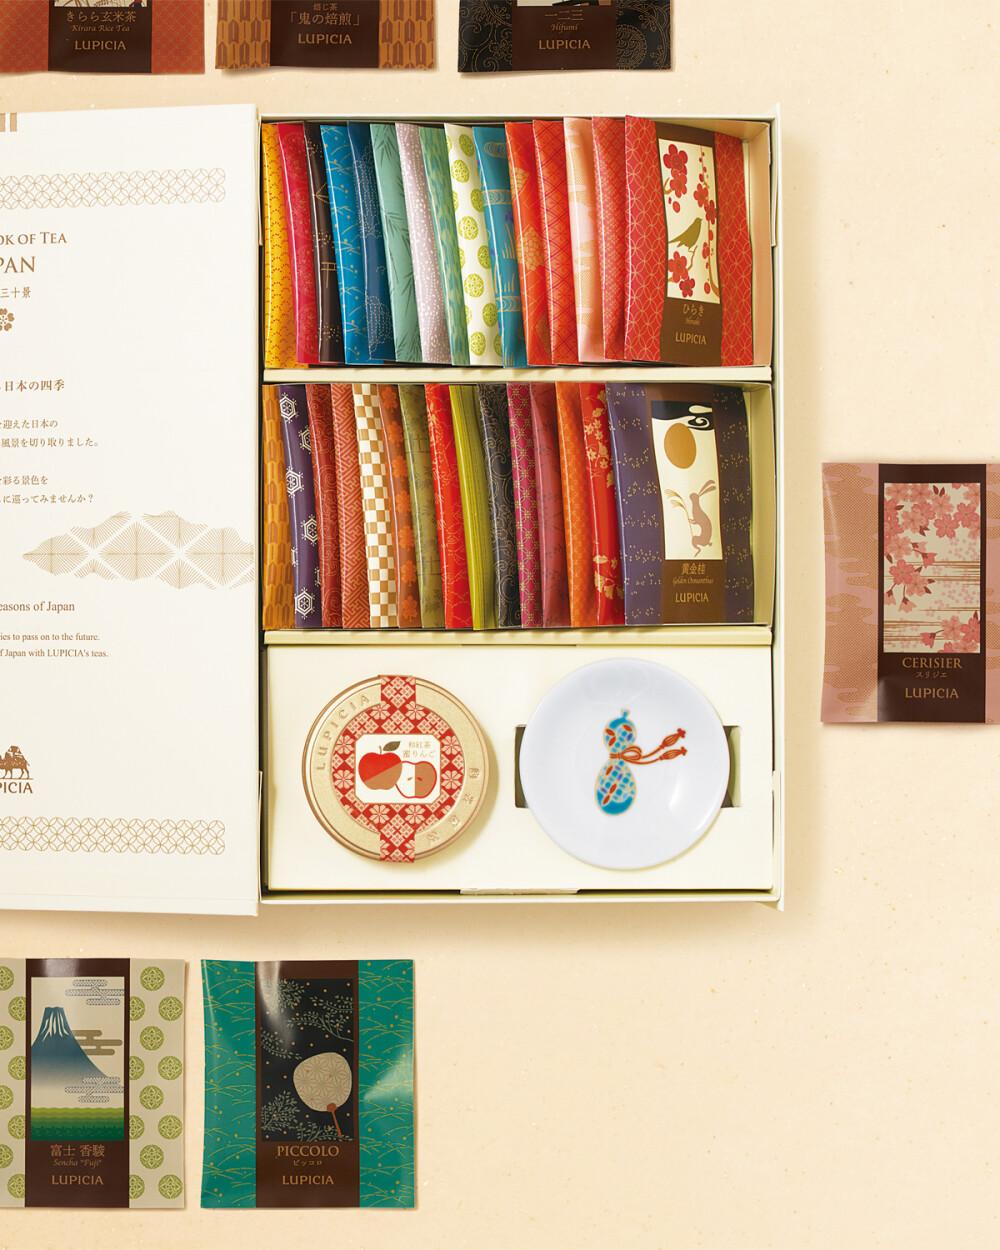 30種のお茶が楽しめるティーバッグセット「ブック オブ ティー」発売中!